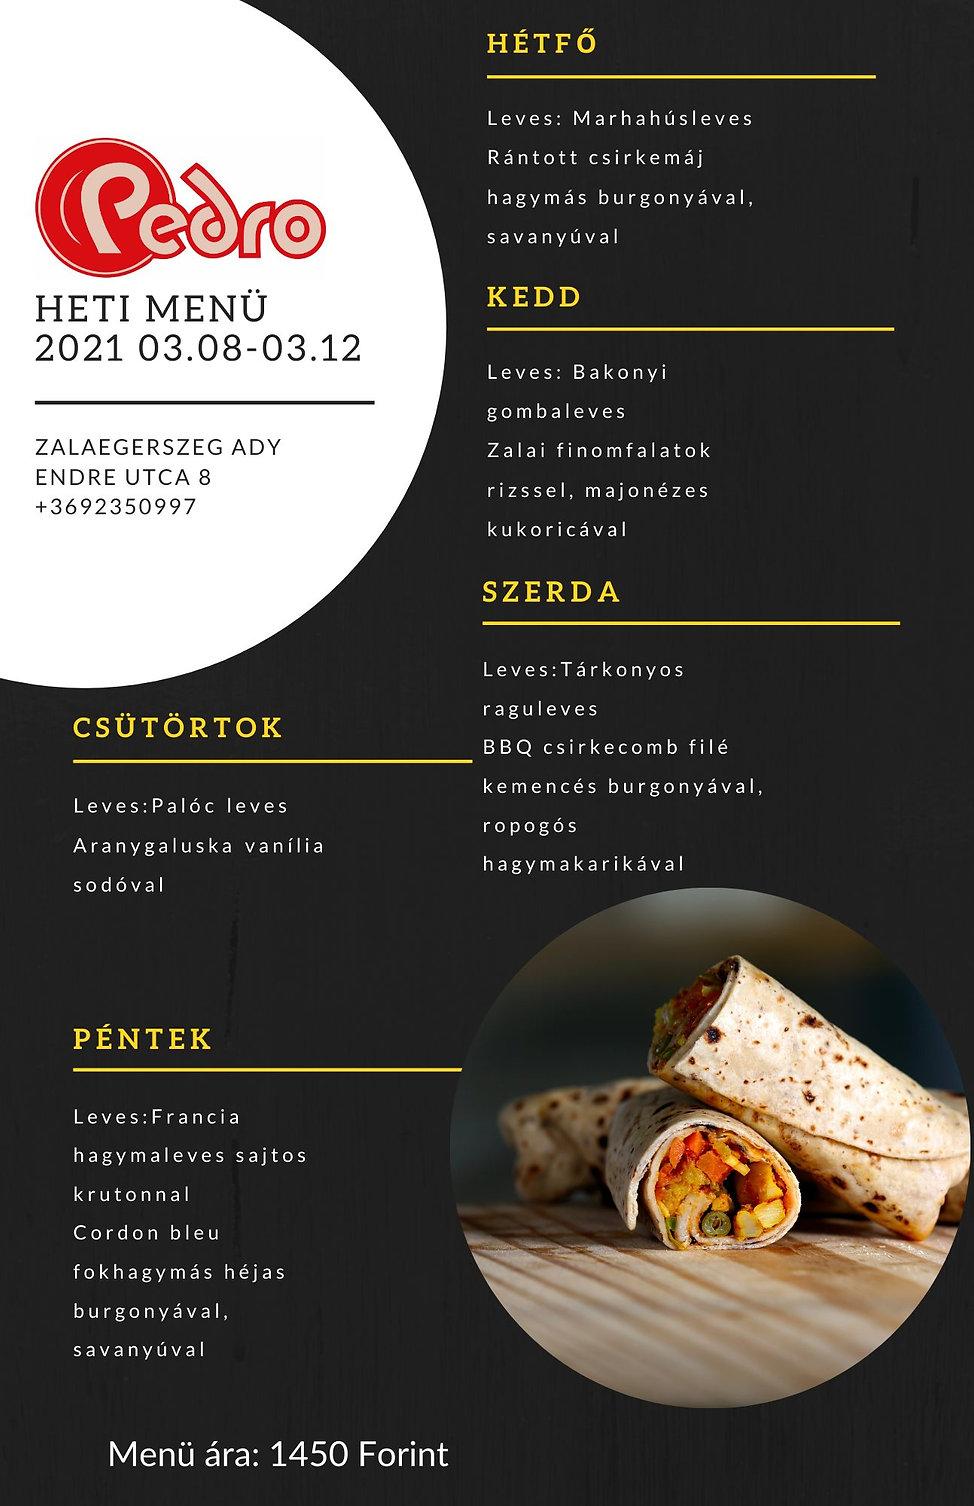 pedro_menu1.jpg